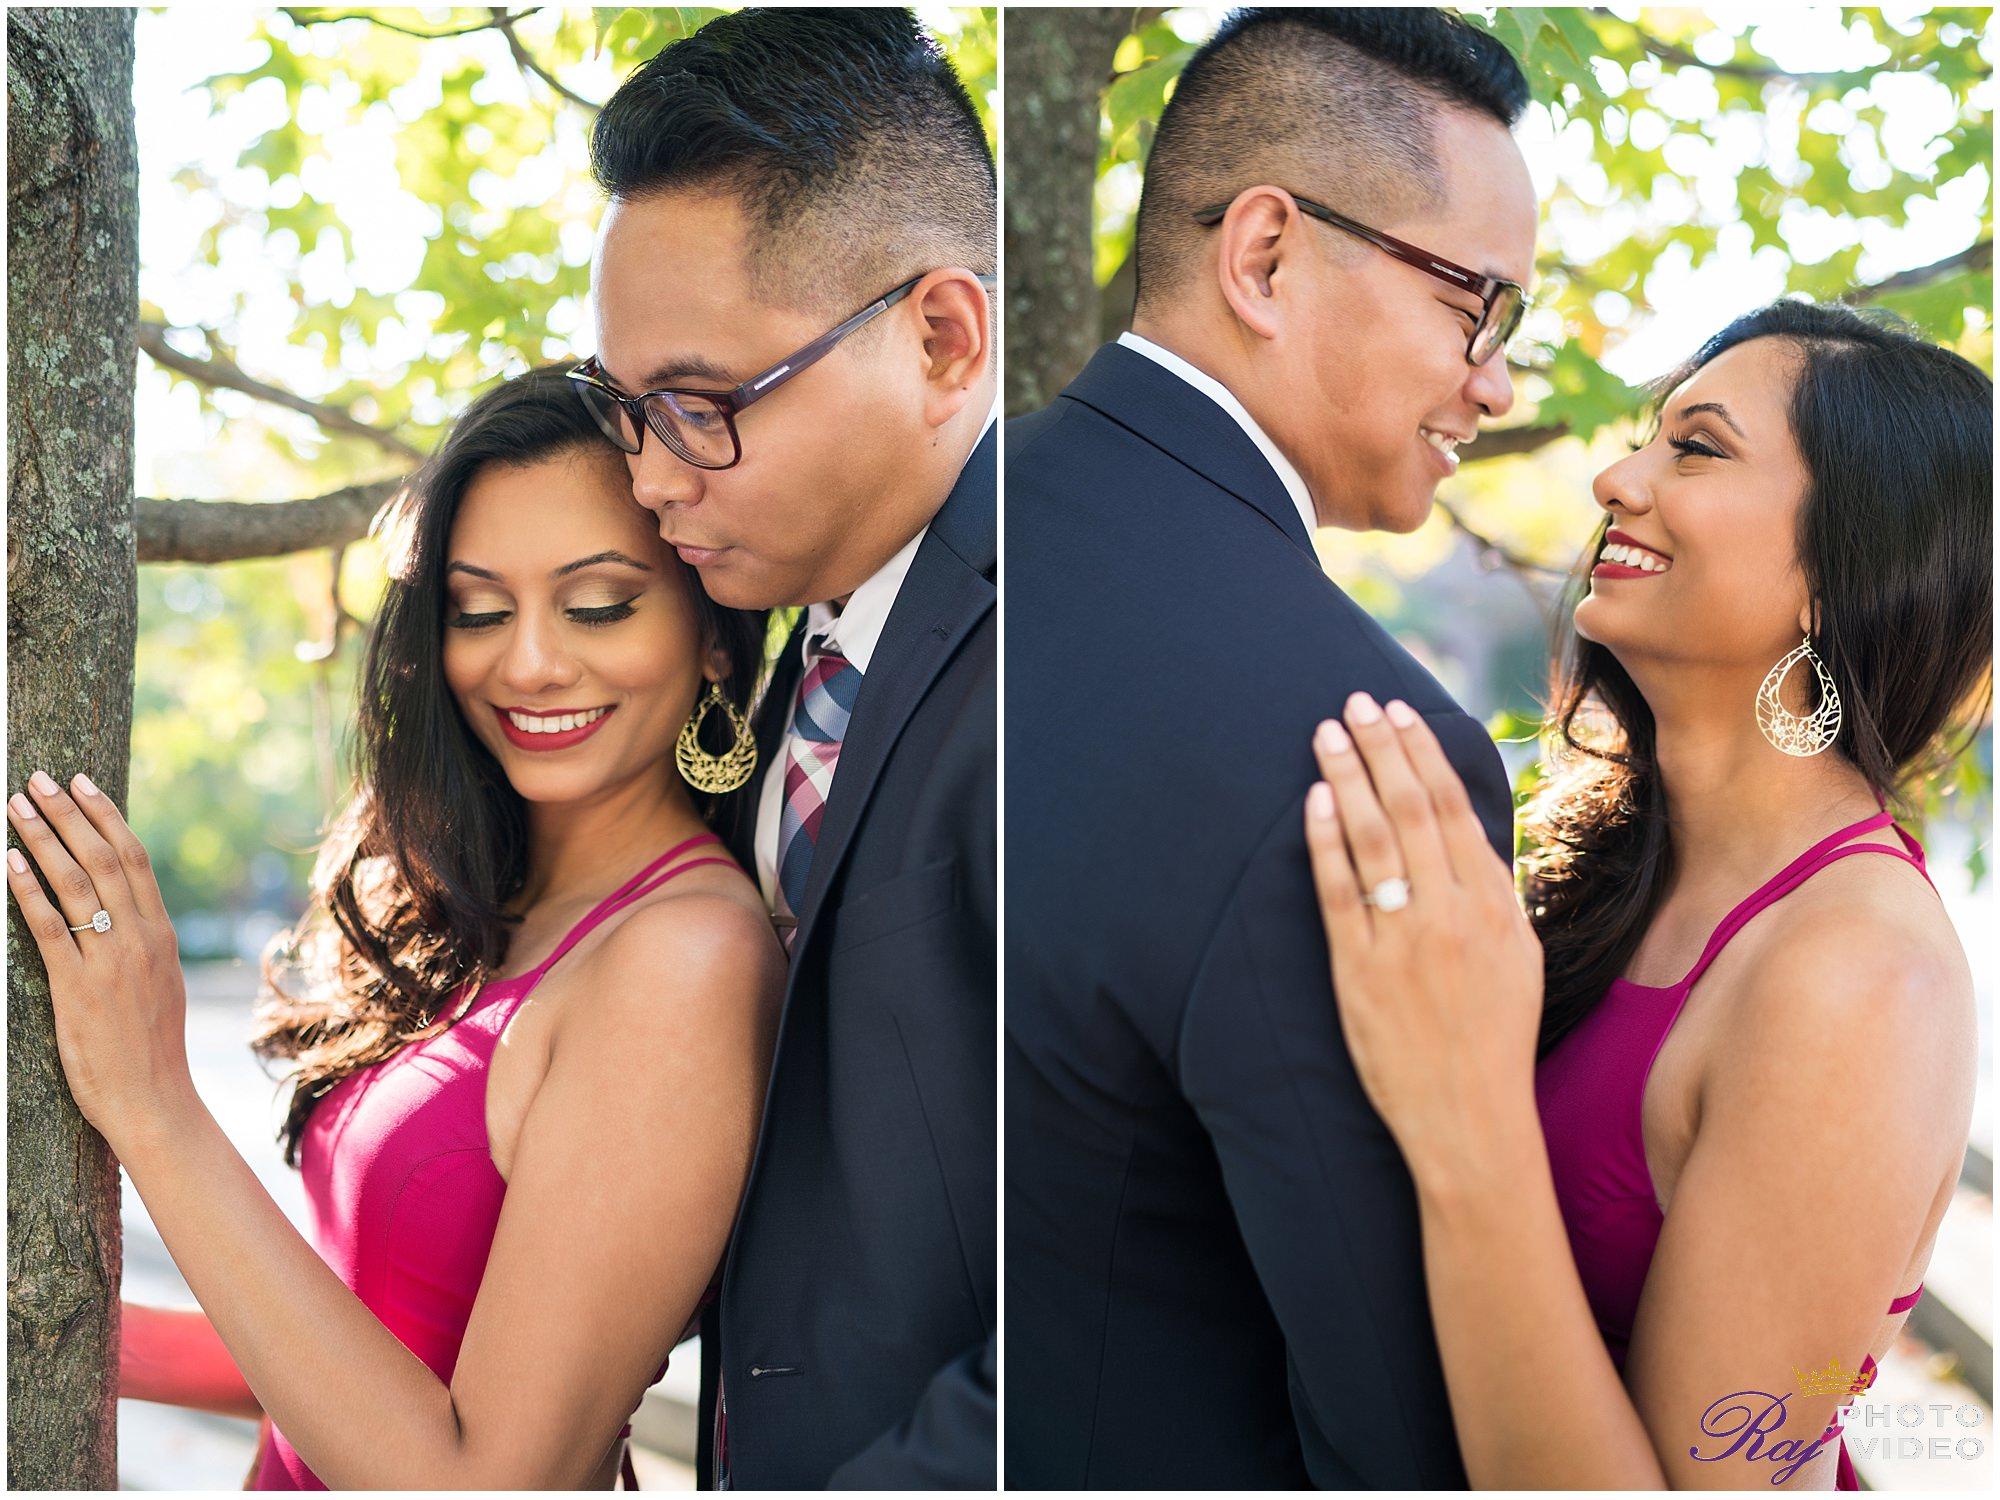 Princeton-University-Princeton-NJ-Engagement-Shoot-Khusbu-Jeff-3.jpg